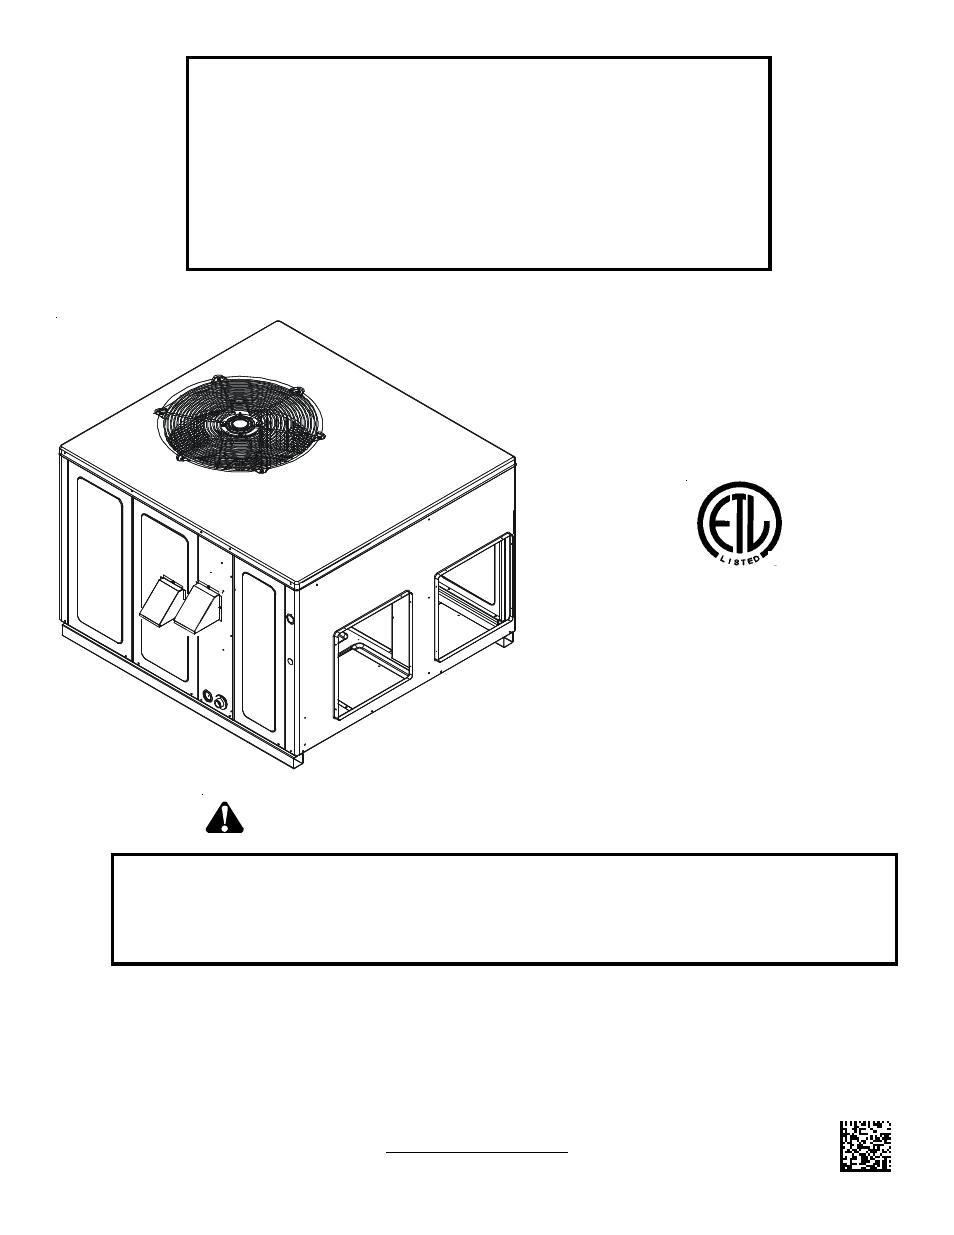 Goodman Mfg A Gpg13 M User Manual Manual Guide